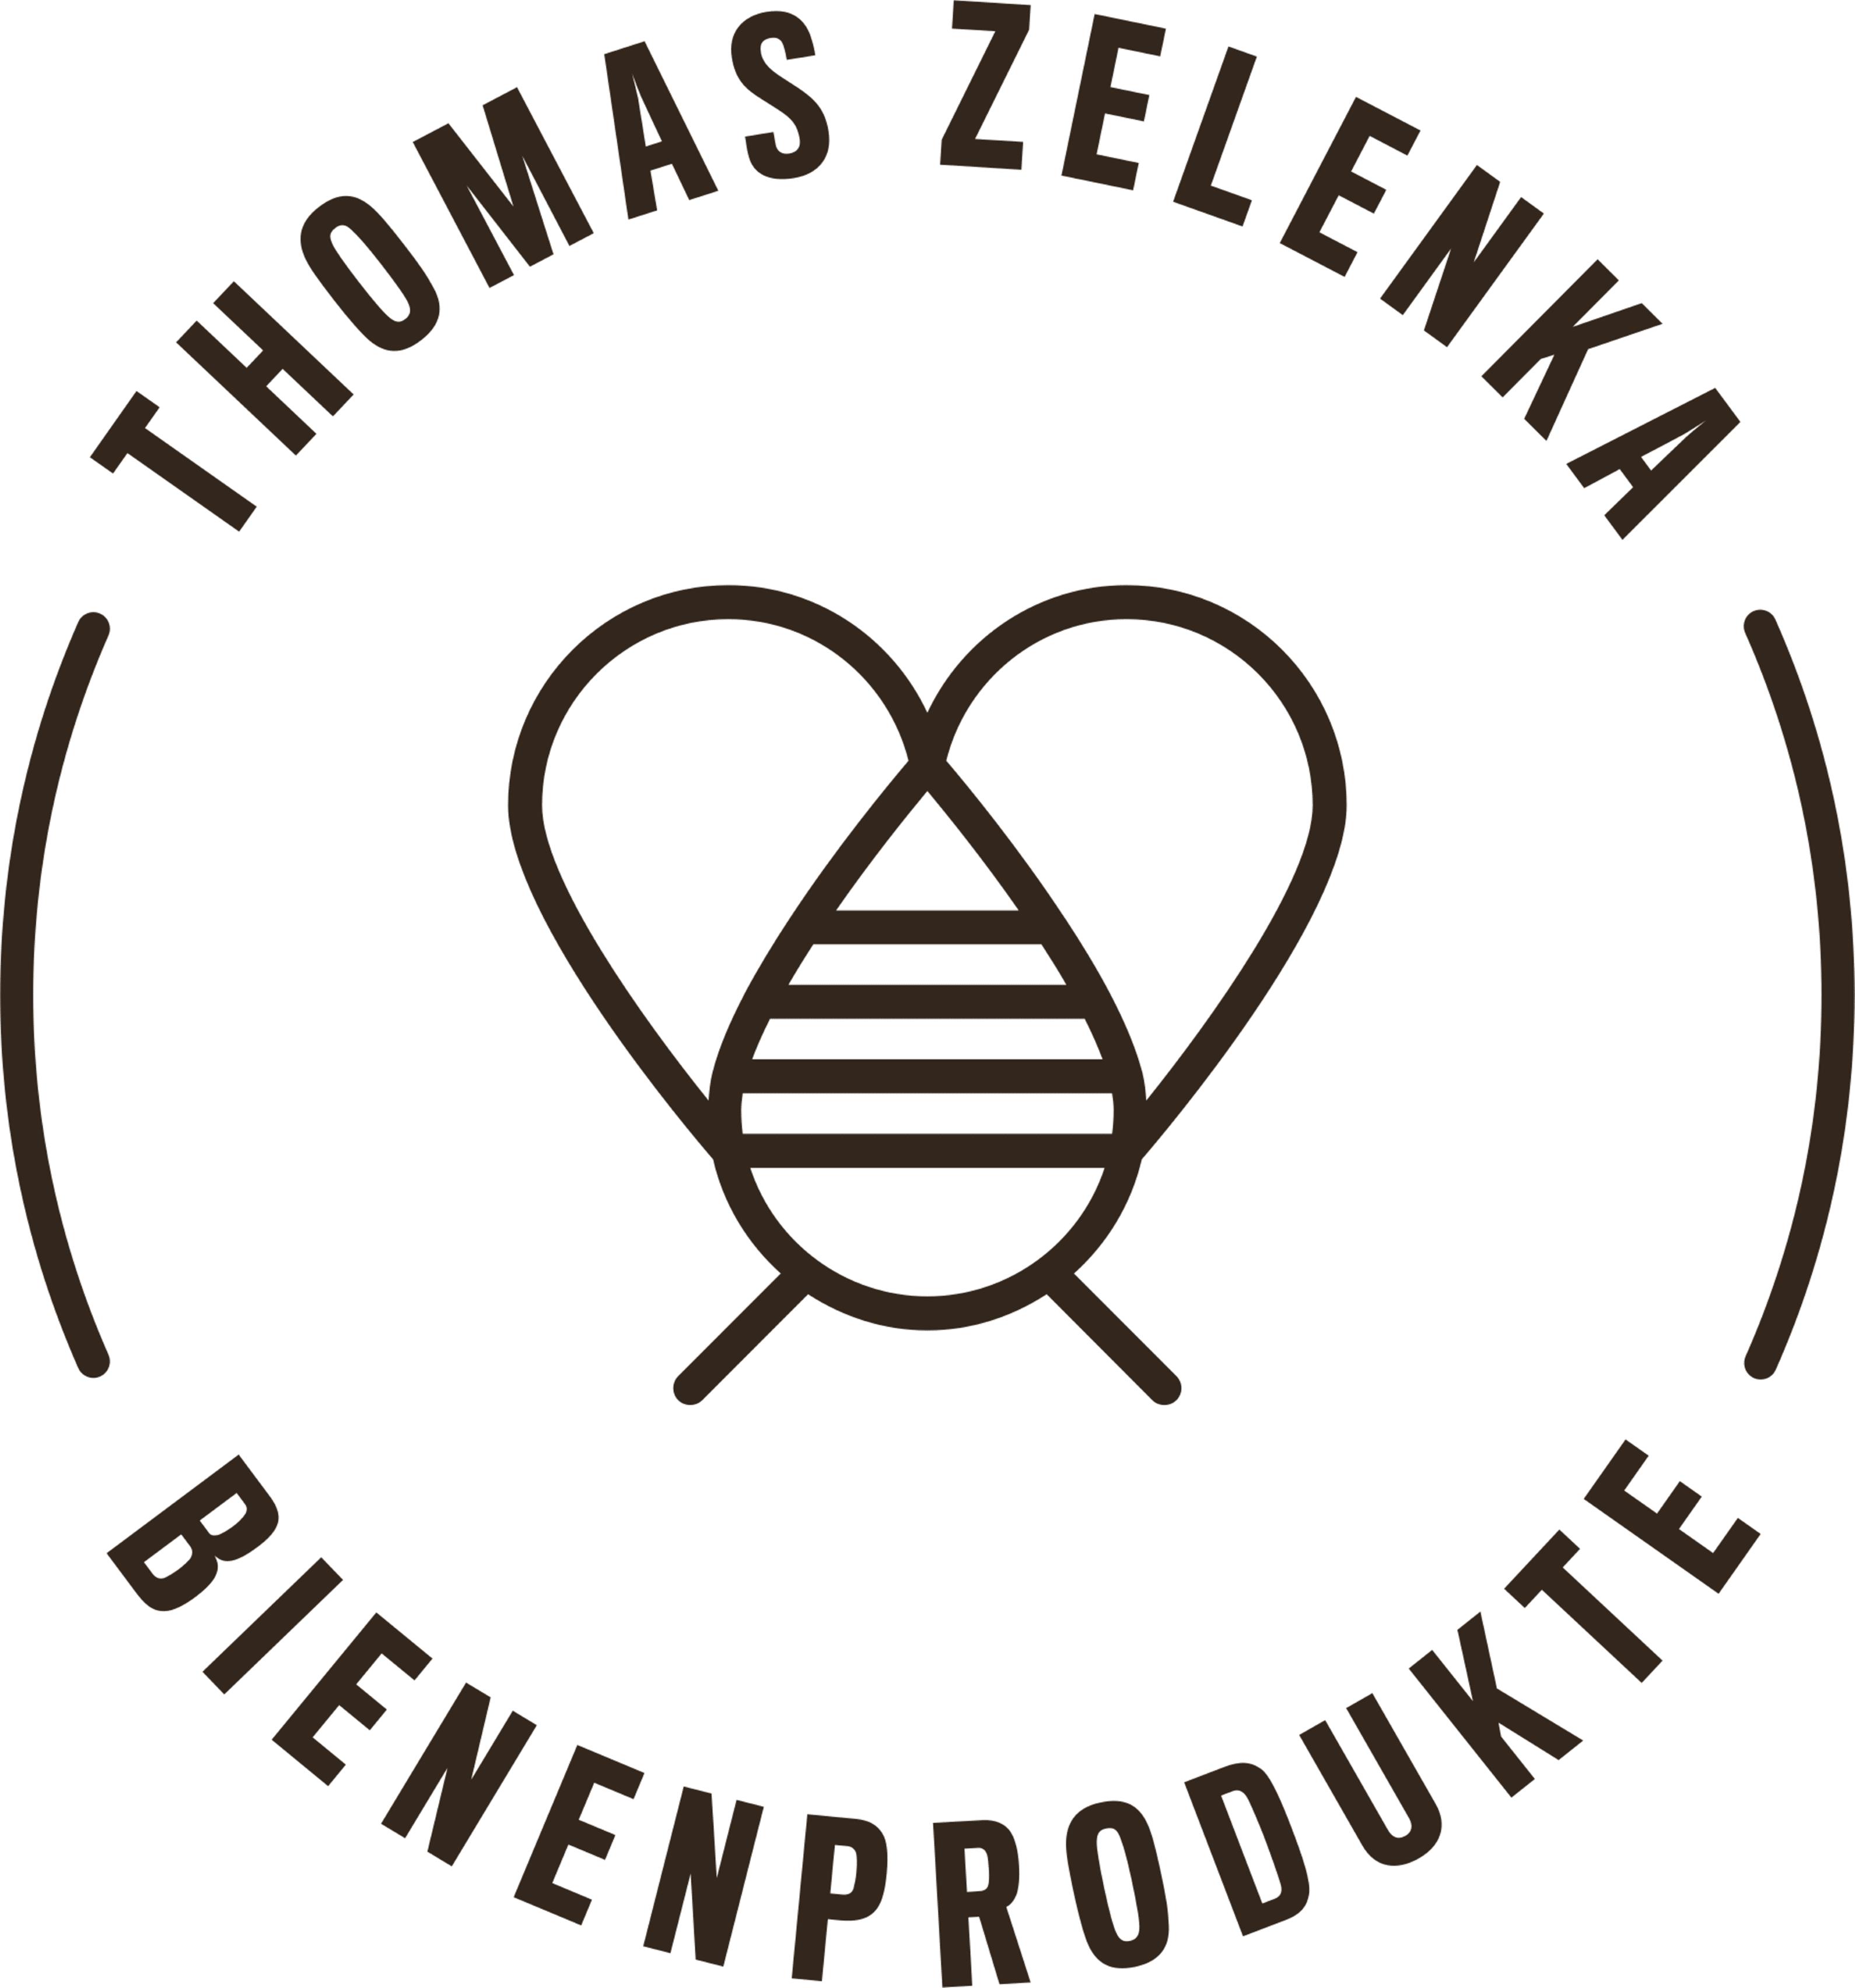 Thomas Zelenka Bienenprodukte